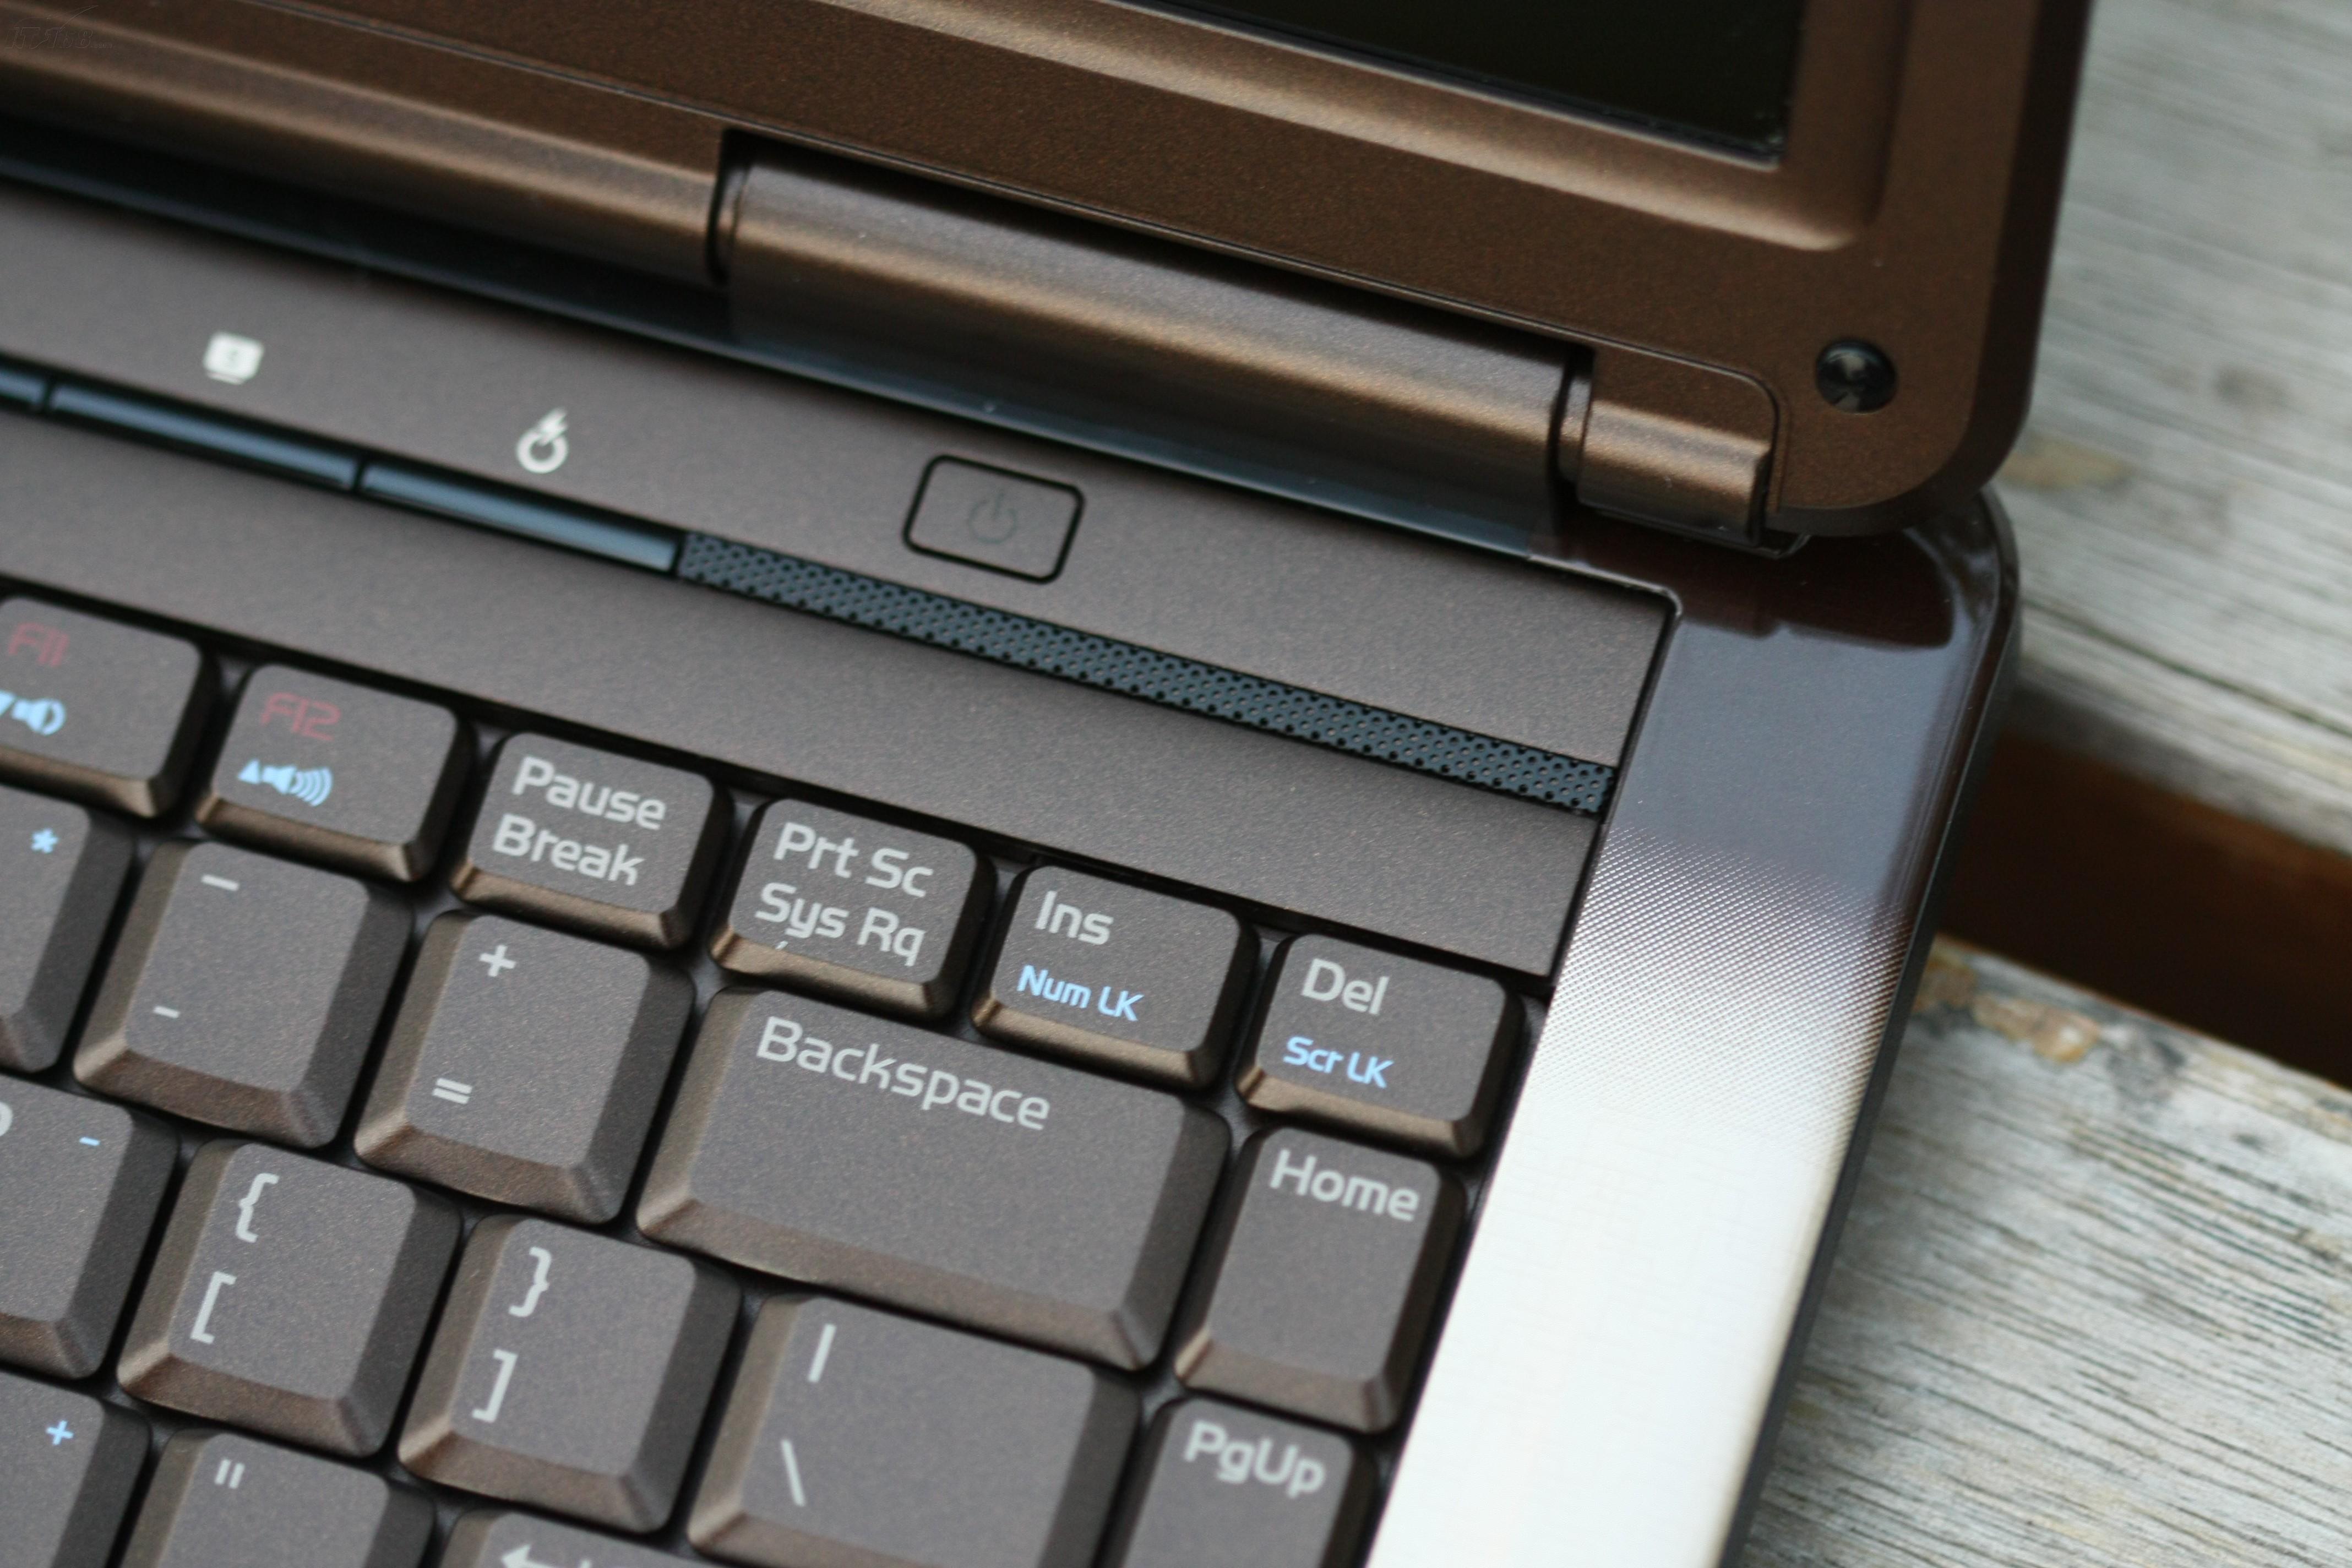 华硕N80H64Vn 巧克力版笔记本产品图片23素材